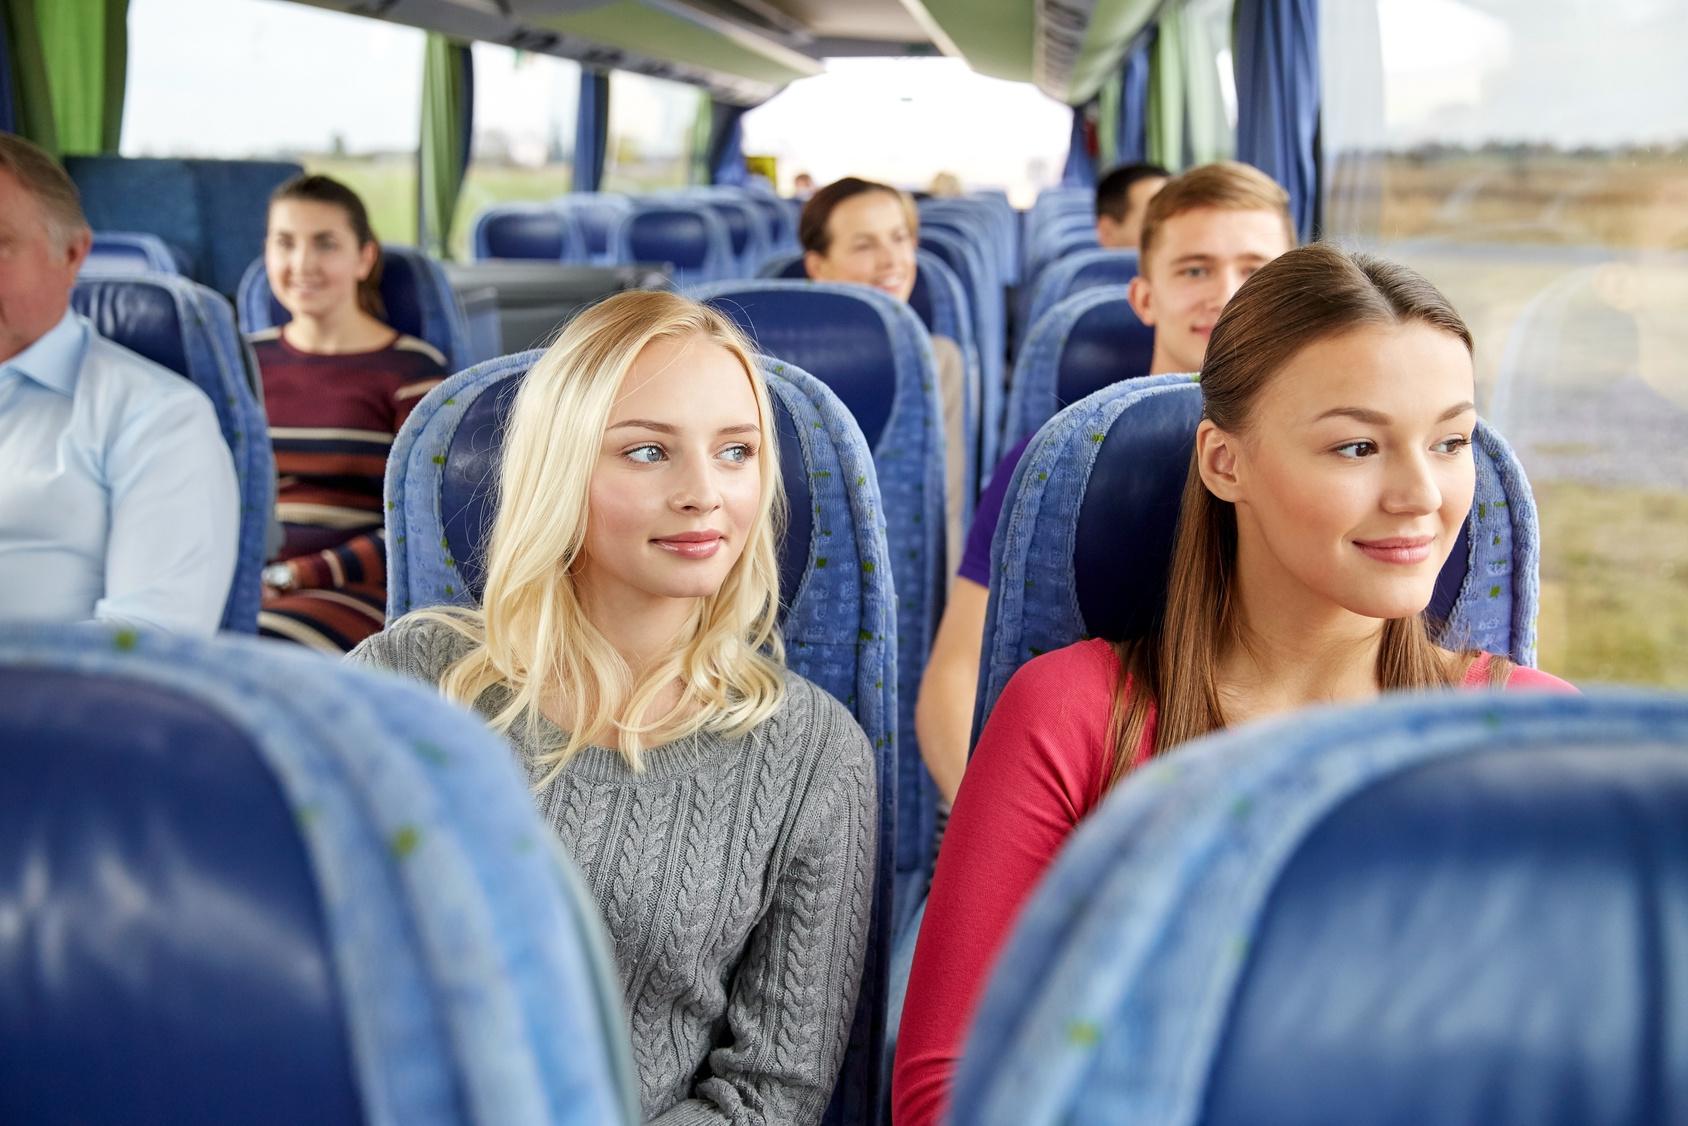 lvh peilt territorialen Kollektivvertrag für Personentransport an